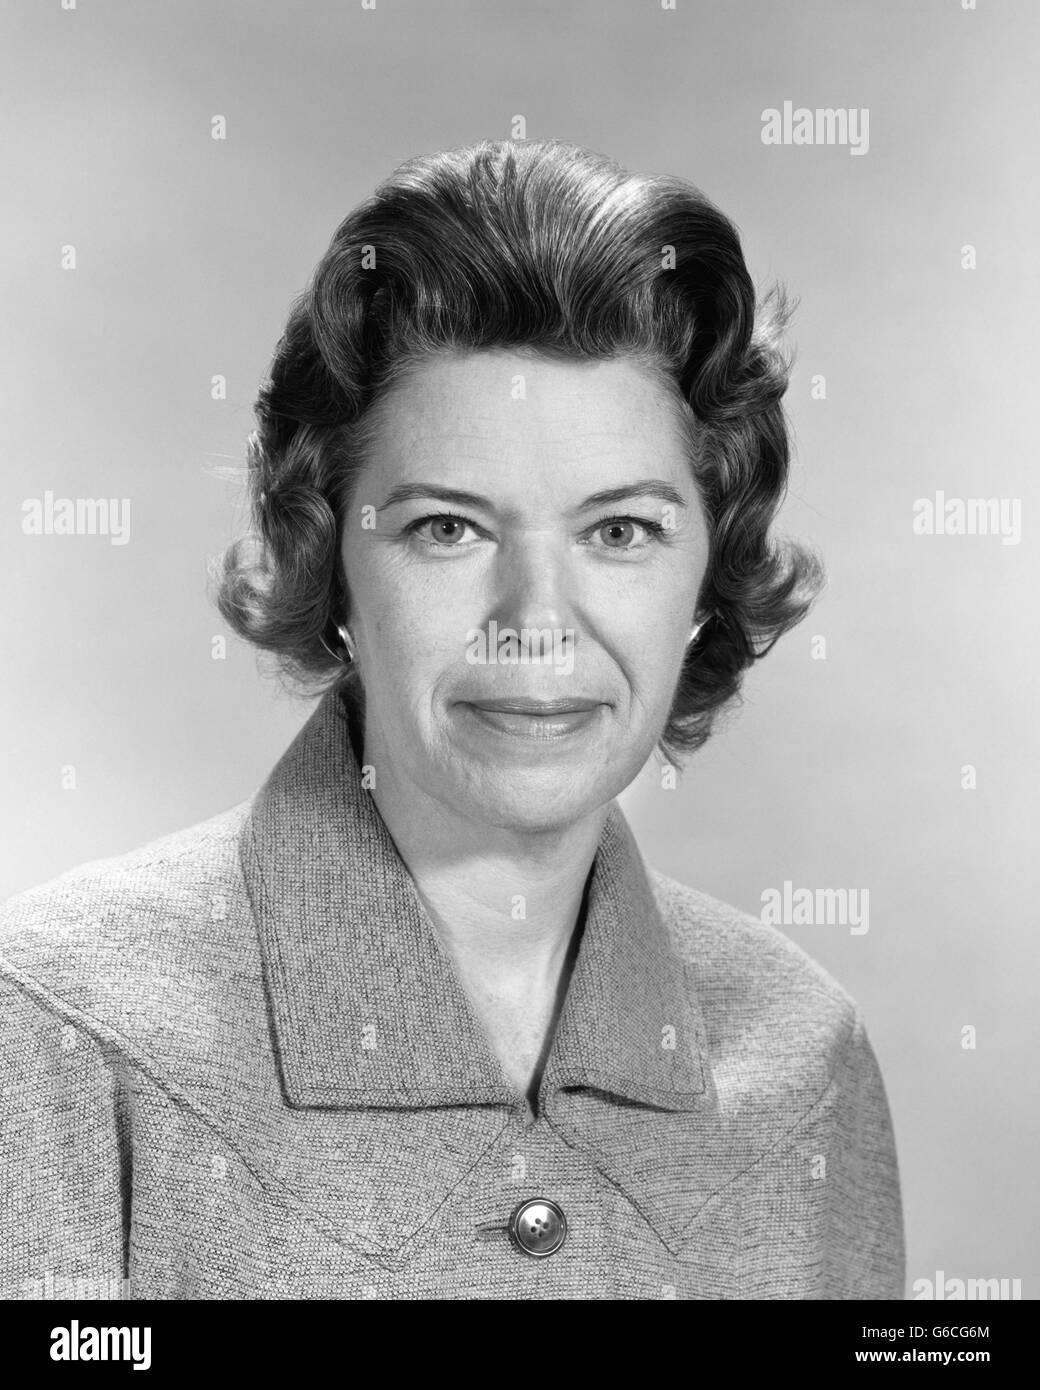 b882fca5d6c 1950s Portrait Smiling Brunette Woman Stock Photos & 1950s Portrait ...